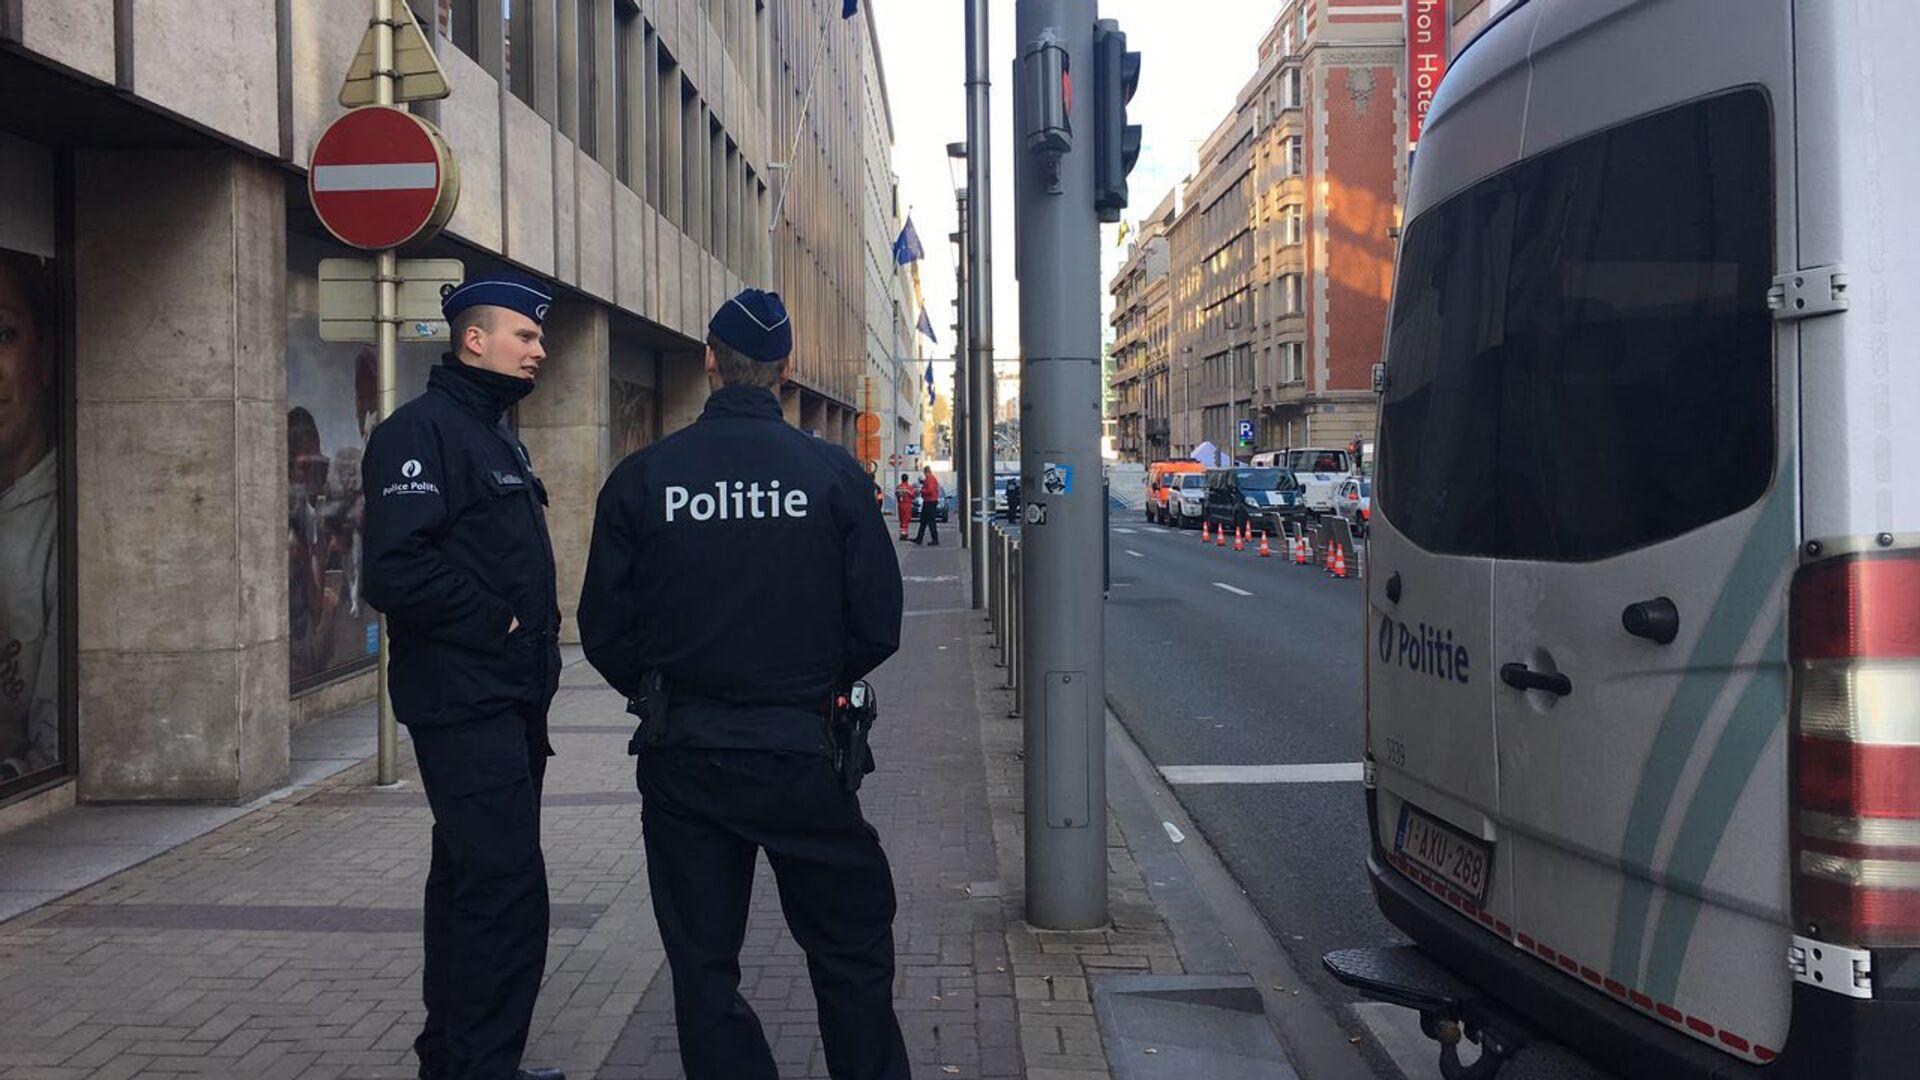 СМИ: полиция Брюсселя вовремя не помогла умершему задержанному мужчине